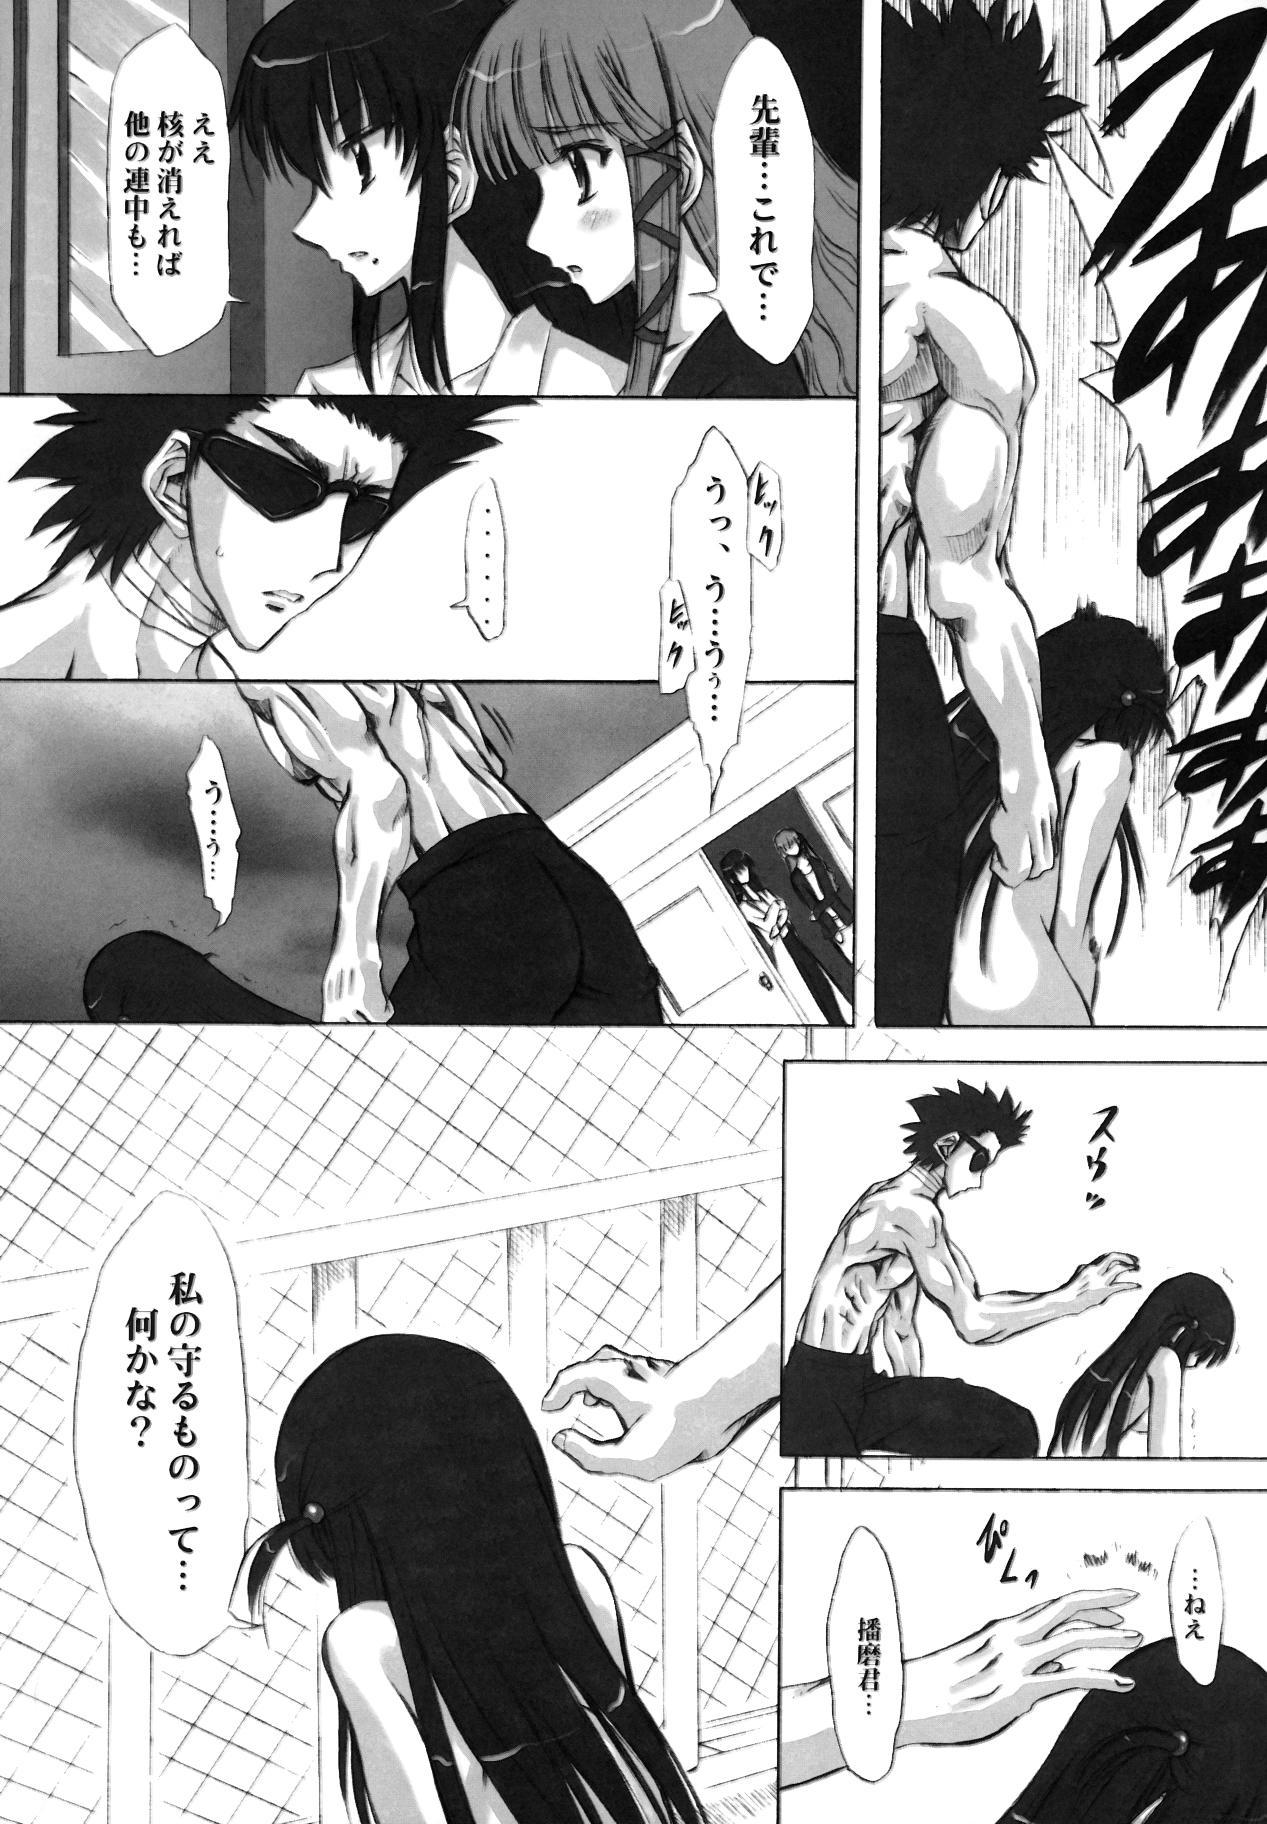 Rinshoku 40